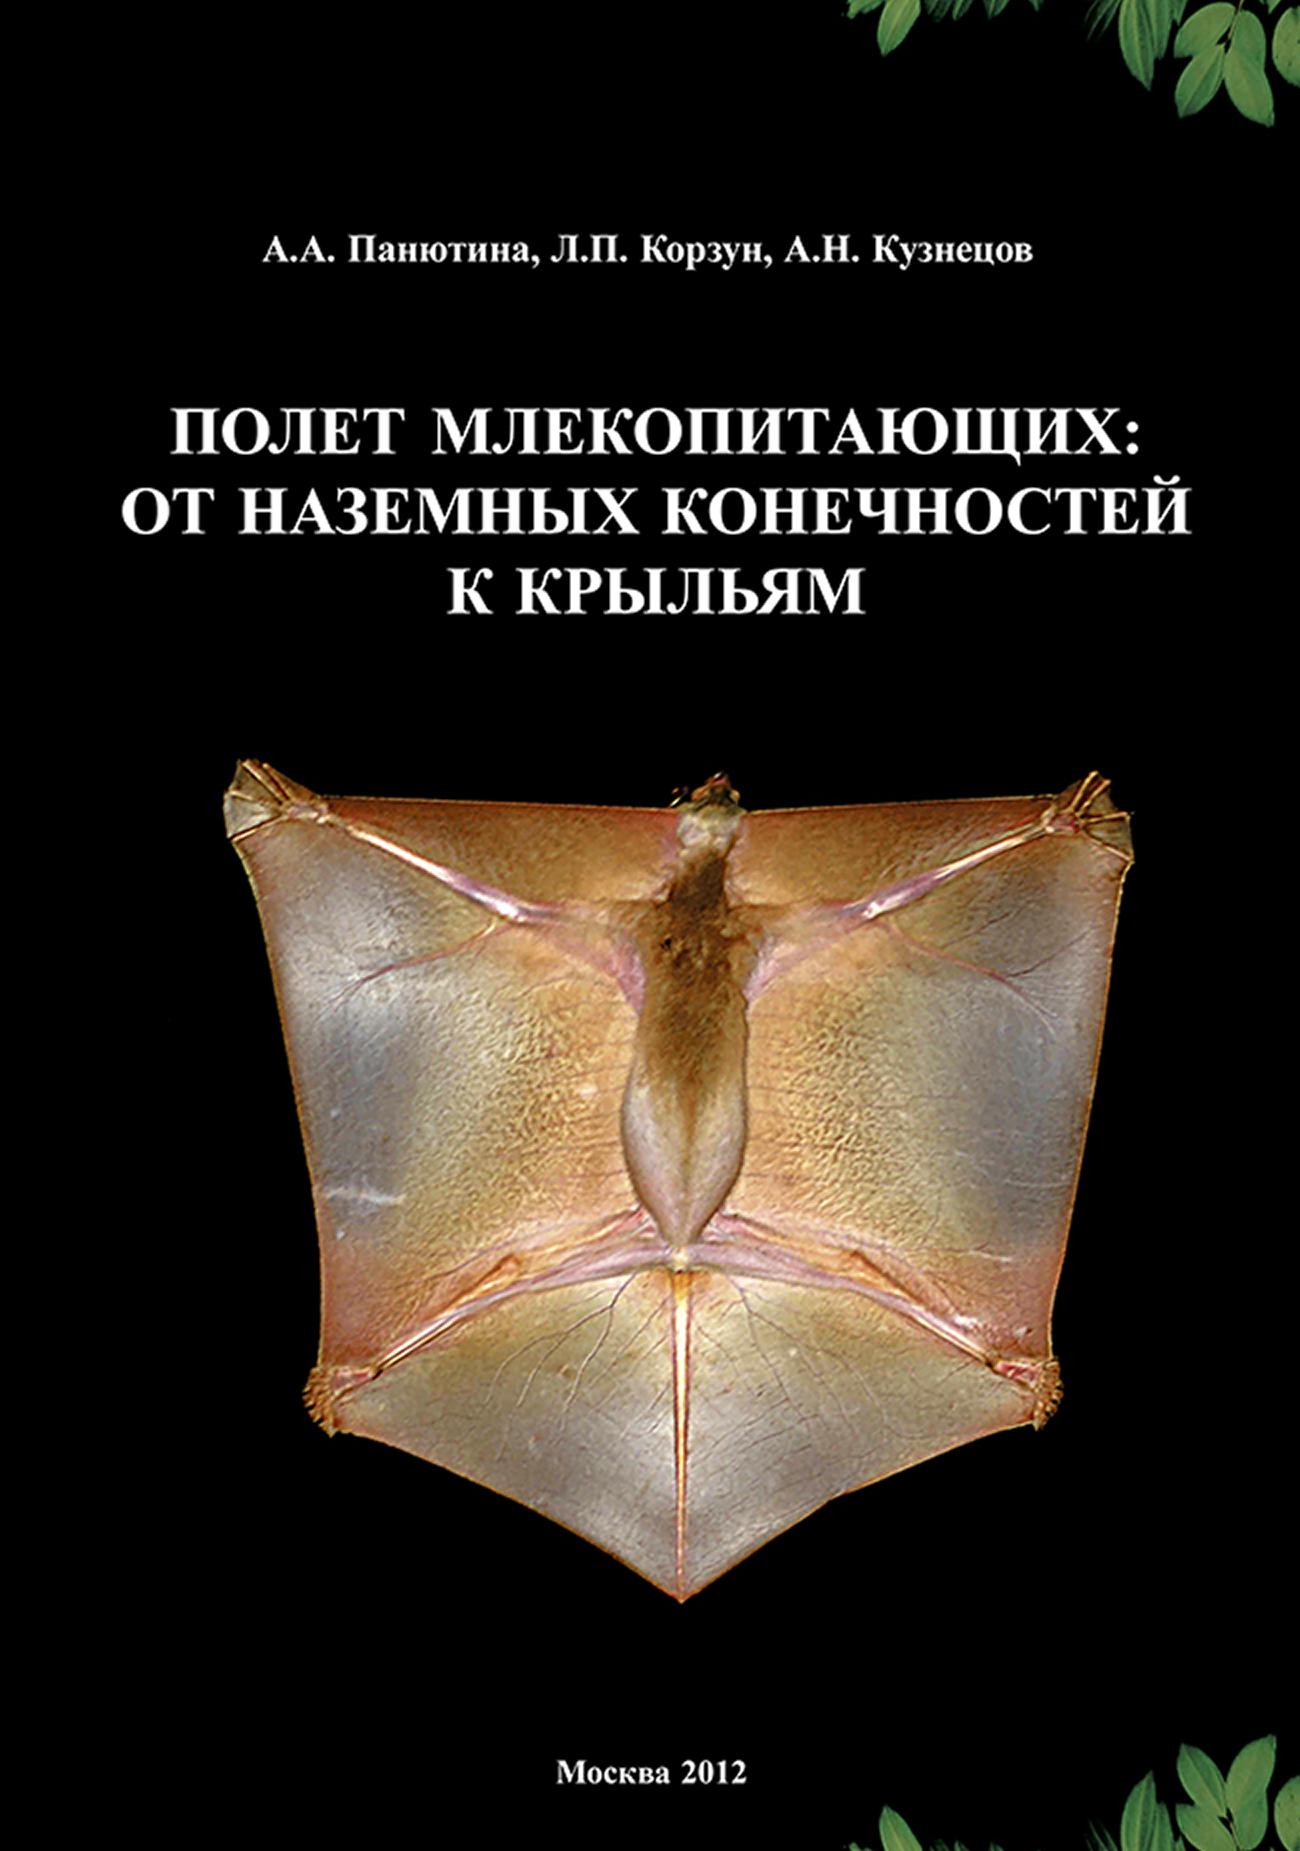 А. А. Панютина Полет млекопитающих: от наземных конечностей к крыльям а н гилёв асимметрия использования конечностей у млекопитающих